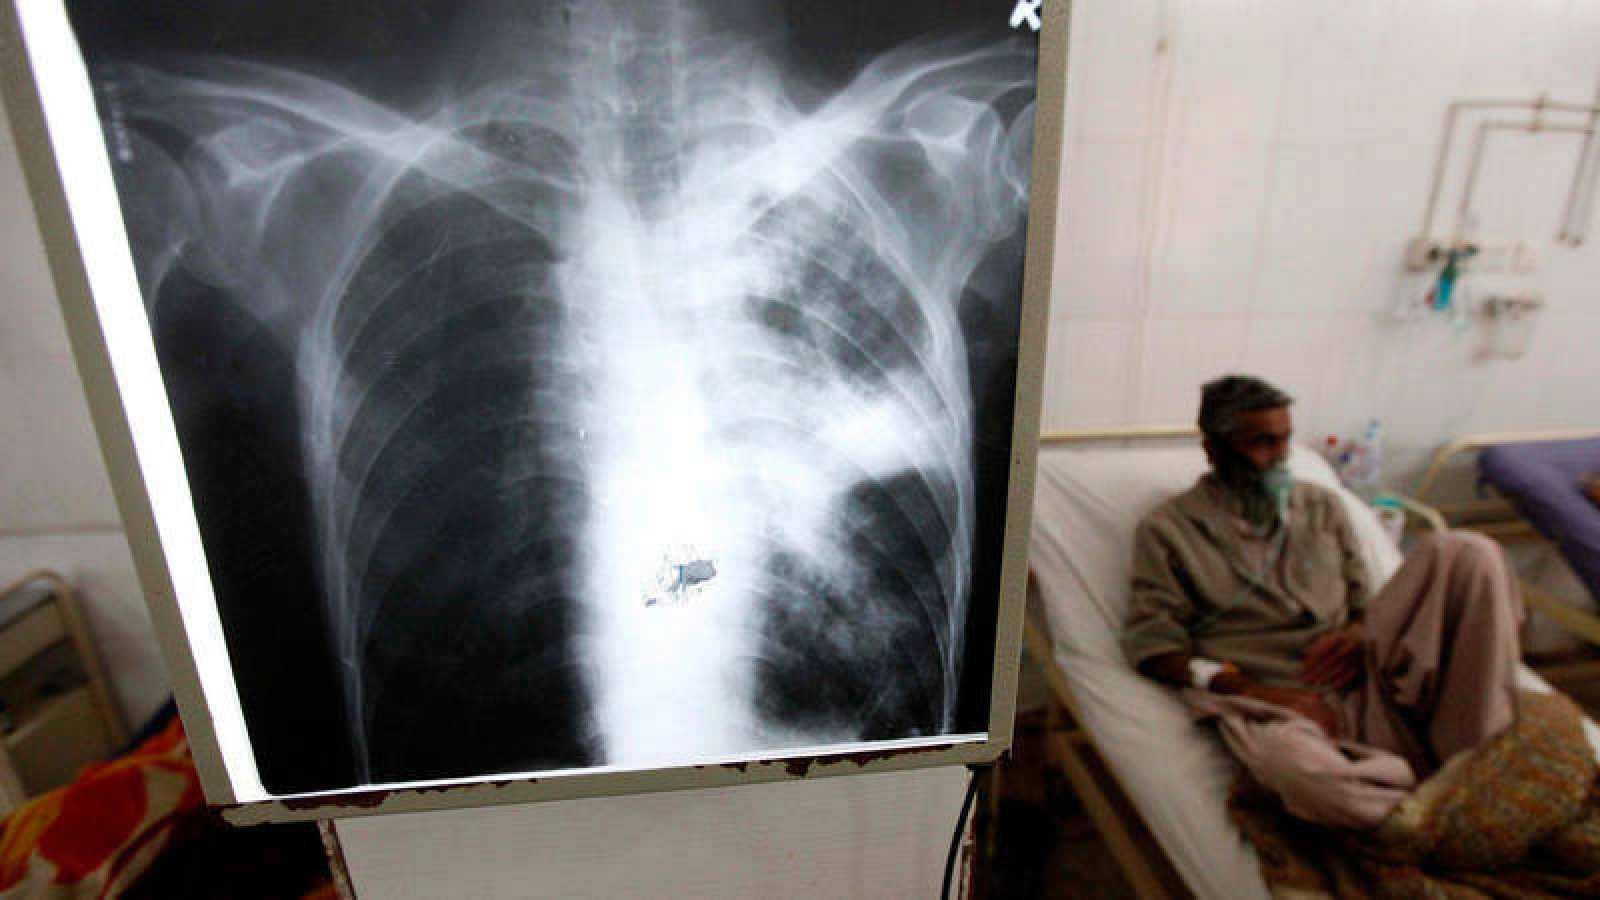 Un paciente enfermo de tuberculosis recibe tratamiento médico en un hospital de Peshawar, Pakistán.